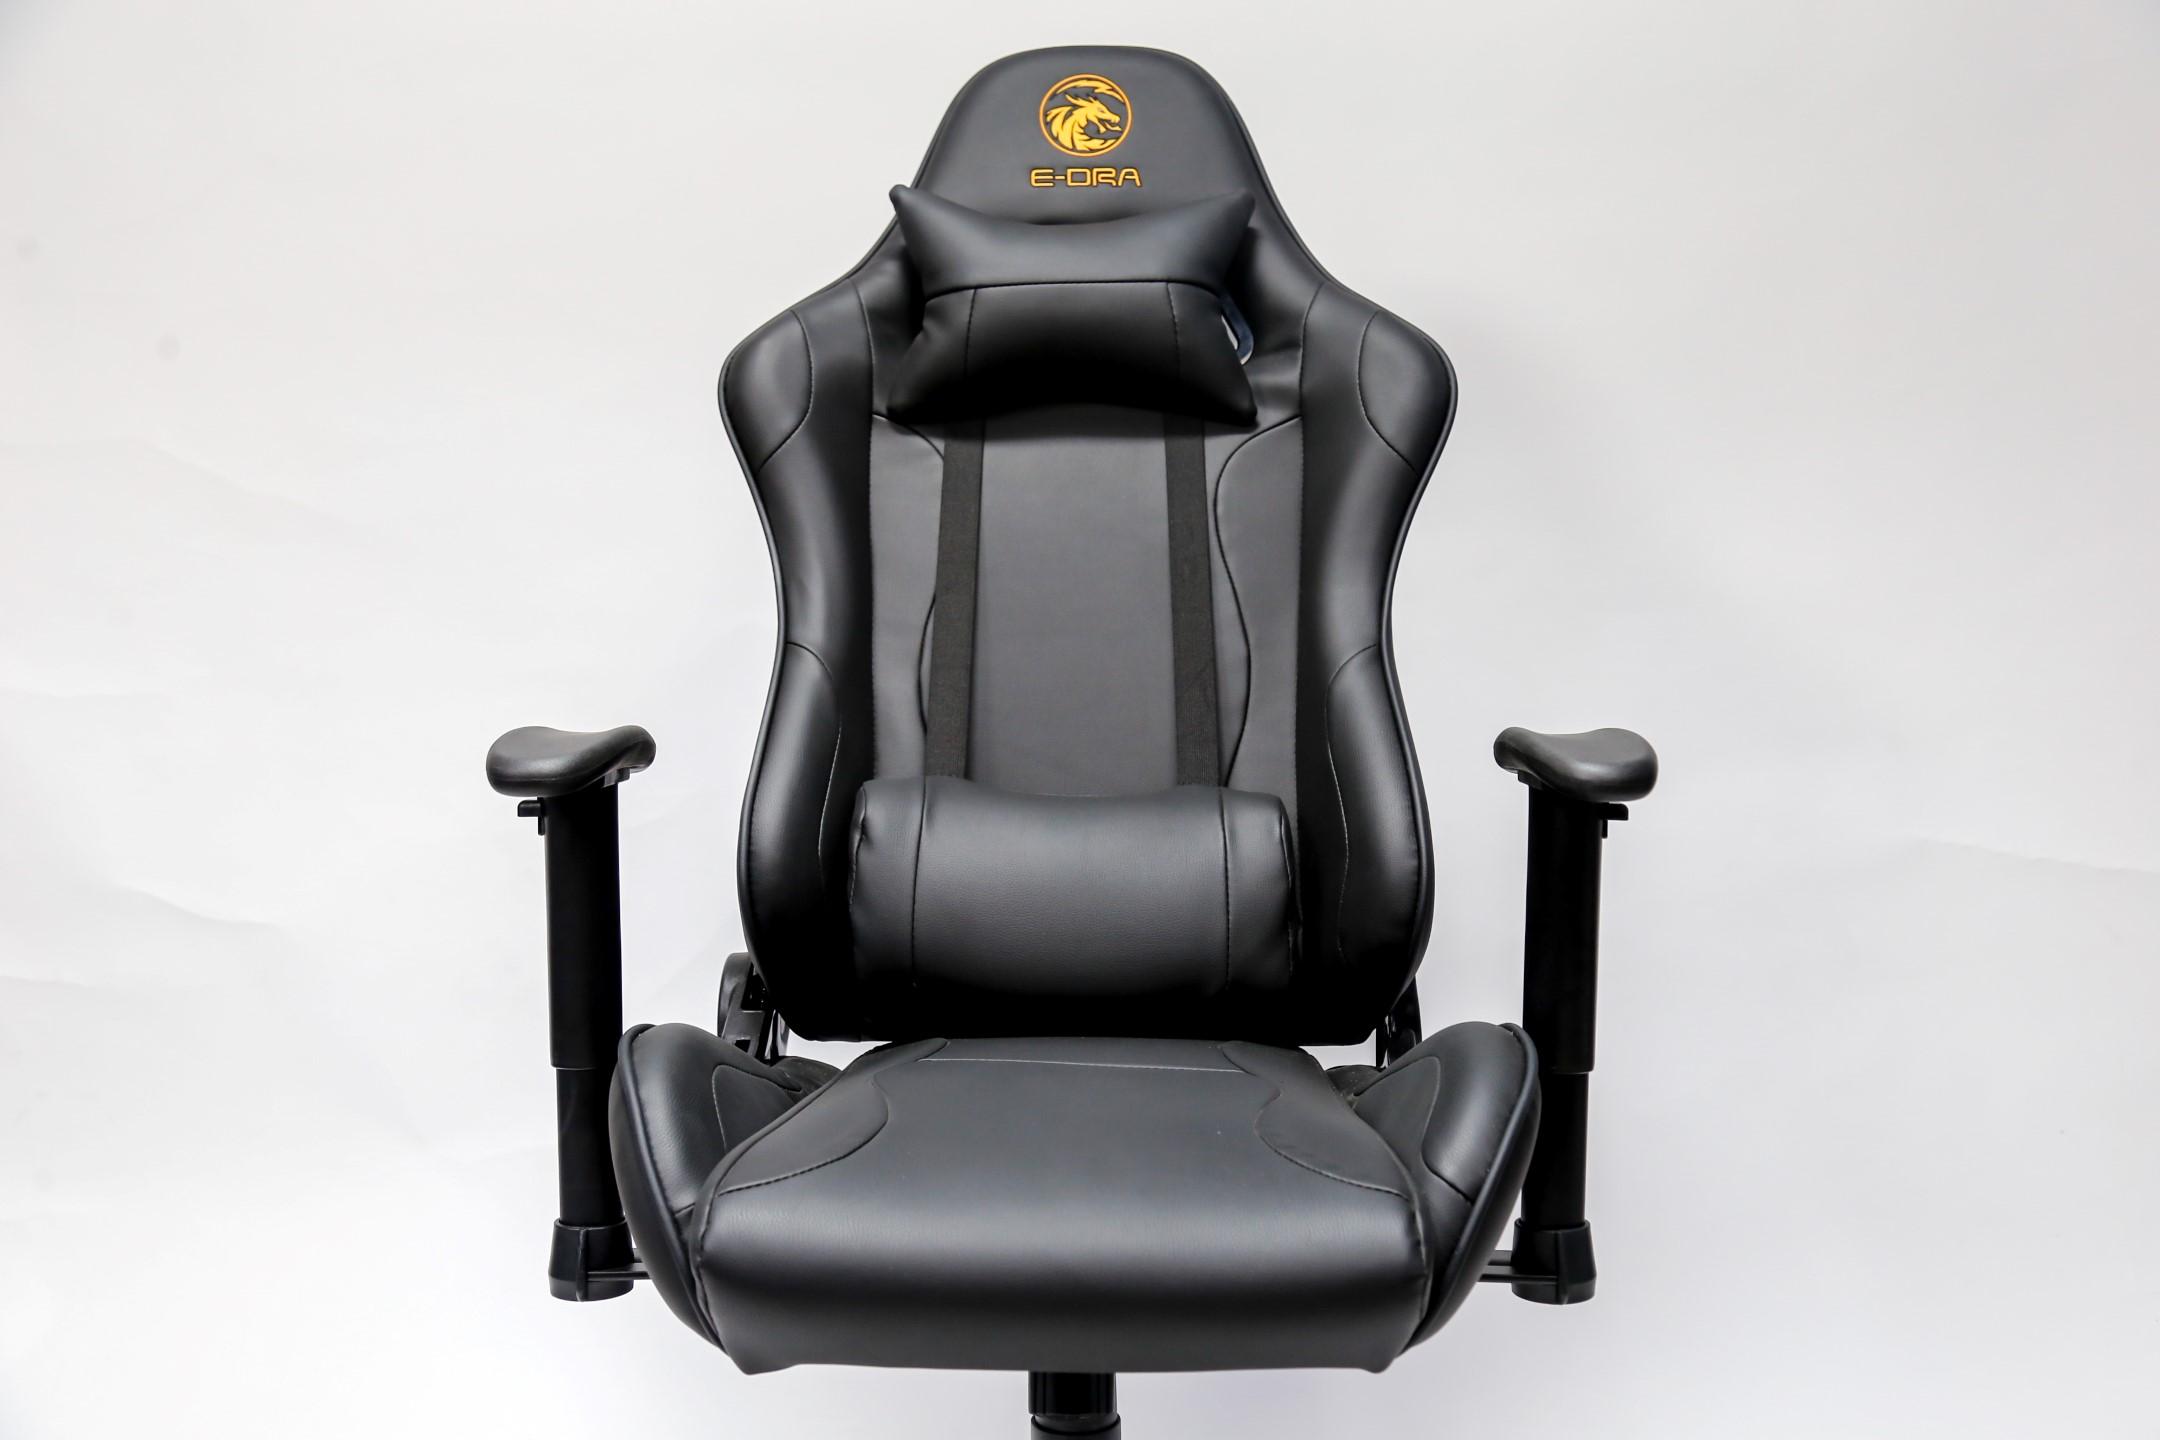 Ghế Game Edra Mars EGC202 Black/Green trang bị   chân ghế chắc chắn